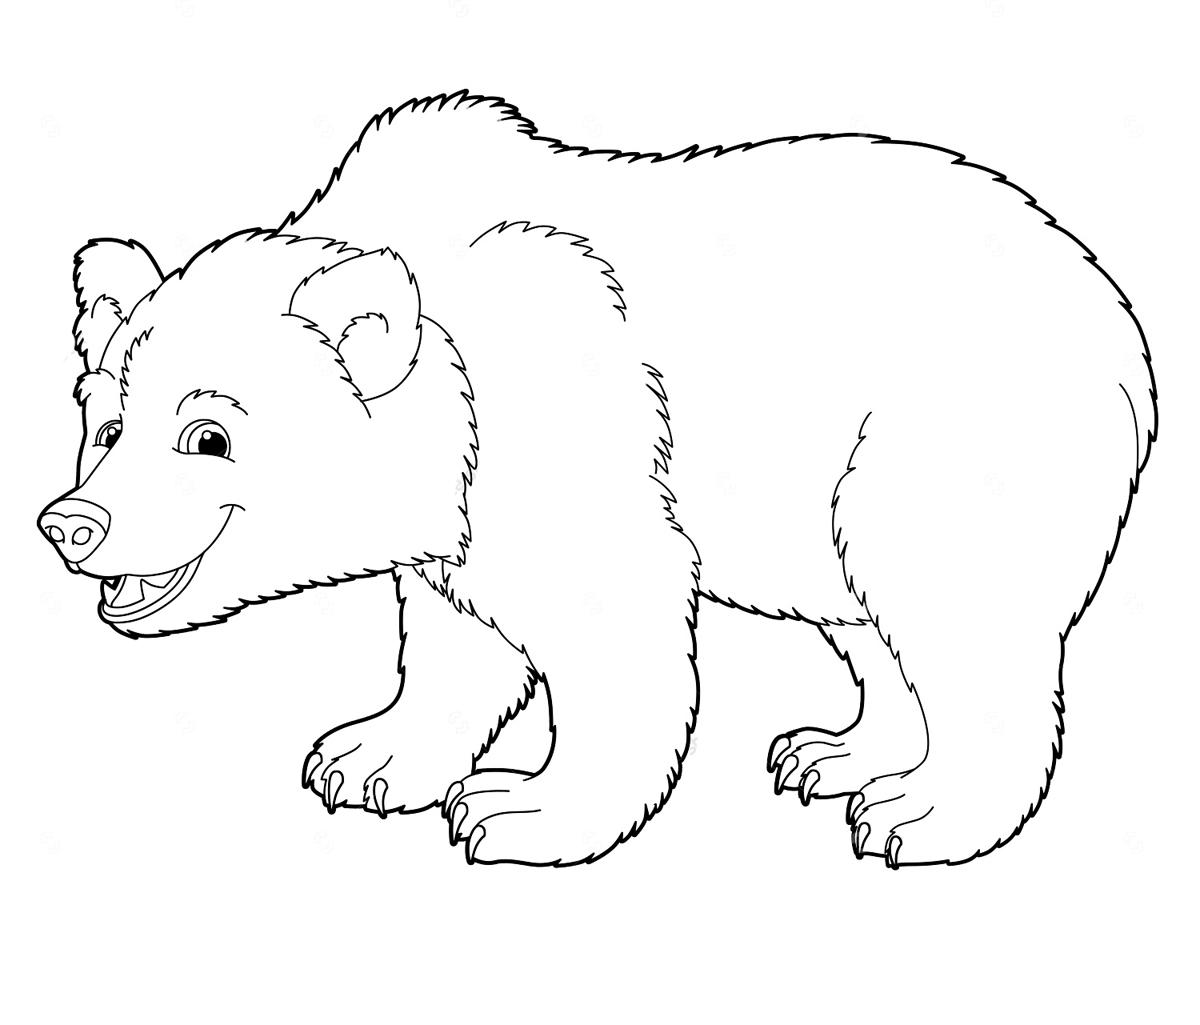 раскраски детские окружающий мир раскраски для детей с медведем